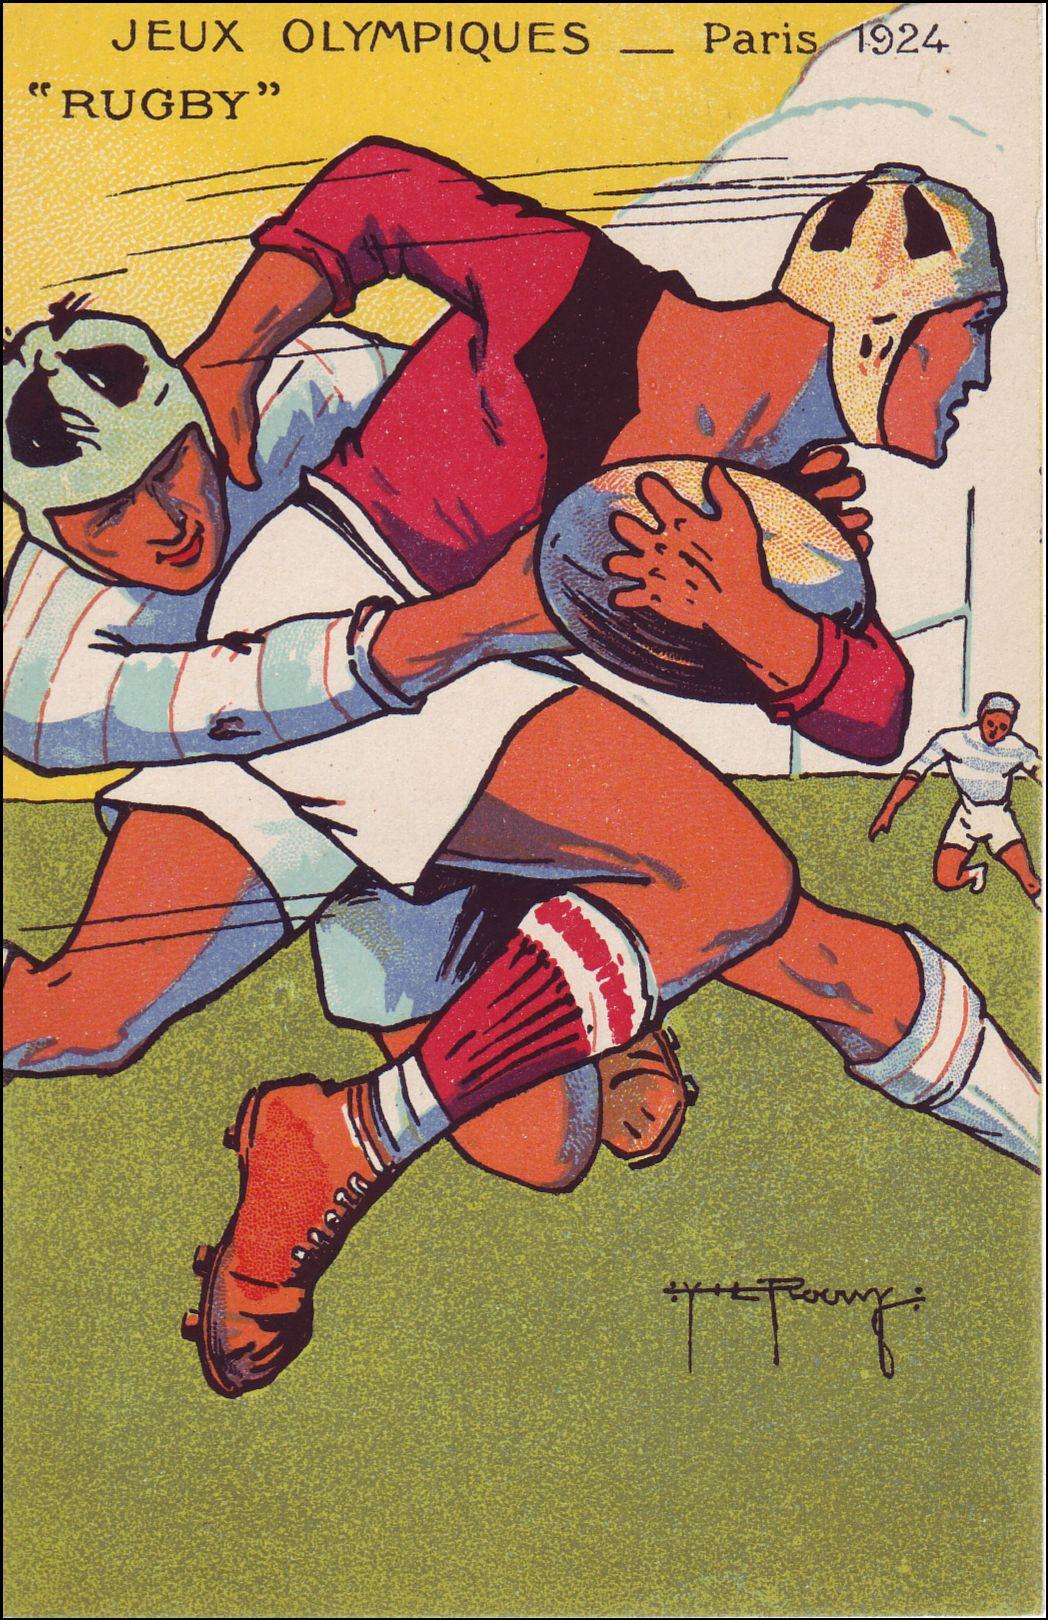 L'équipe des Etats-unis de rugby est composée de joueurs de football américain. Celle ci remporte le tournoi en battant la France 17 à 3.